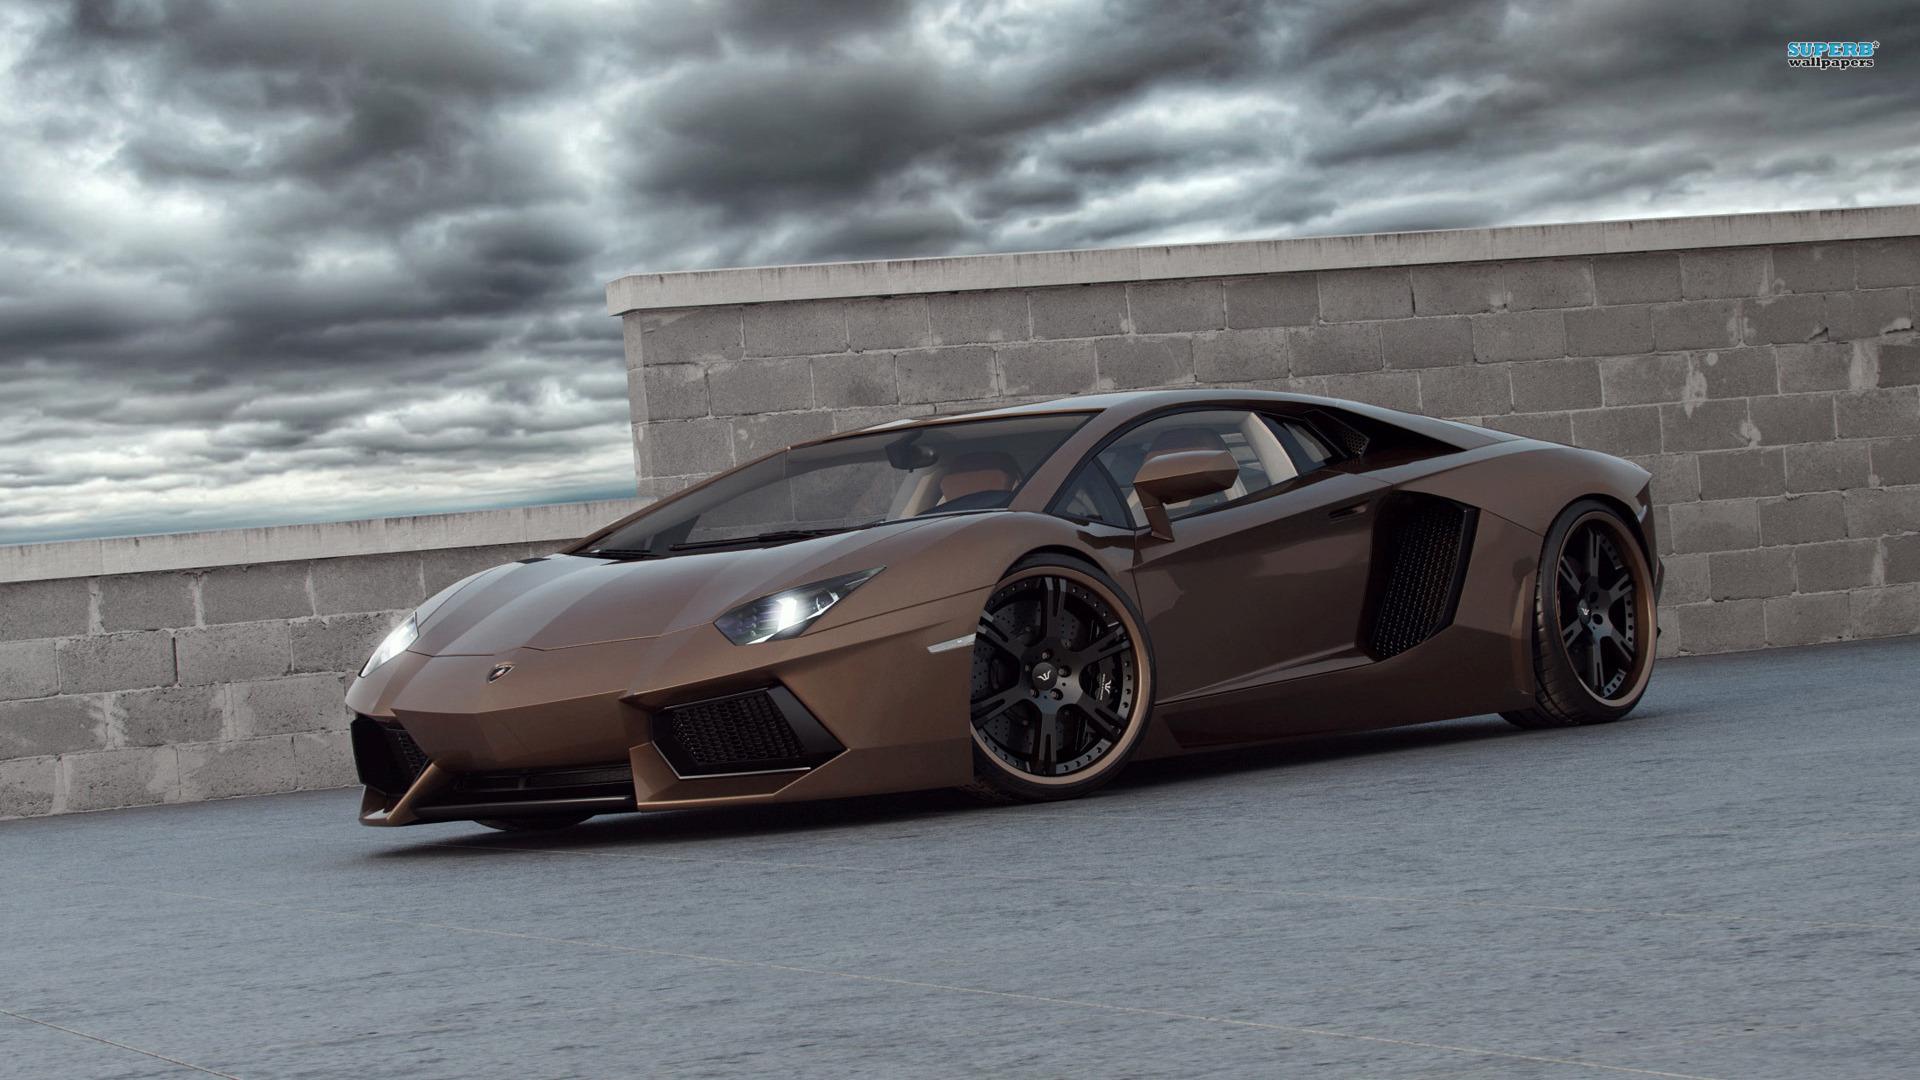 Lamborghini Aventador Wallpaper Hd Lamborghini Aventador